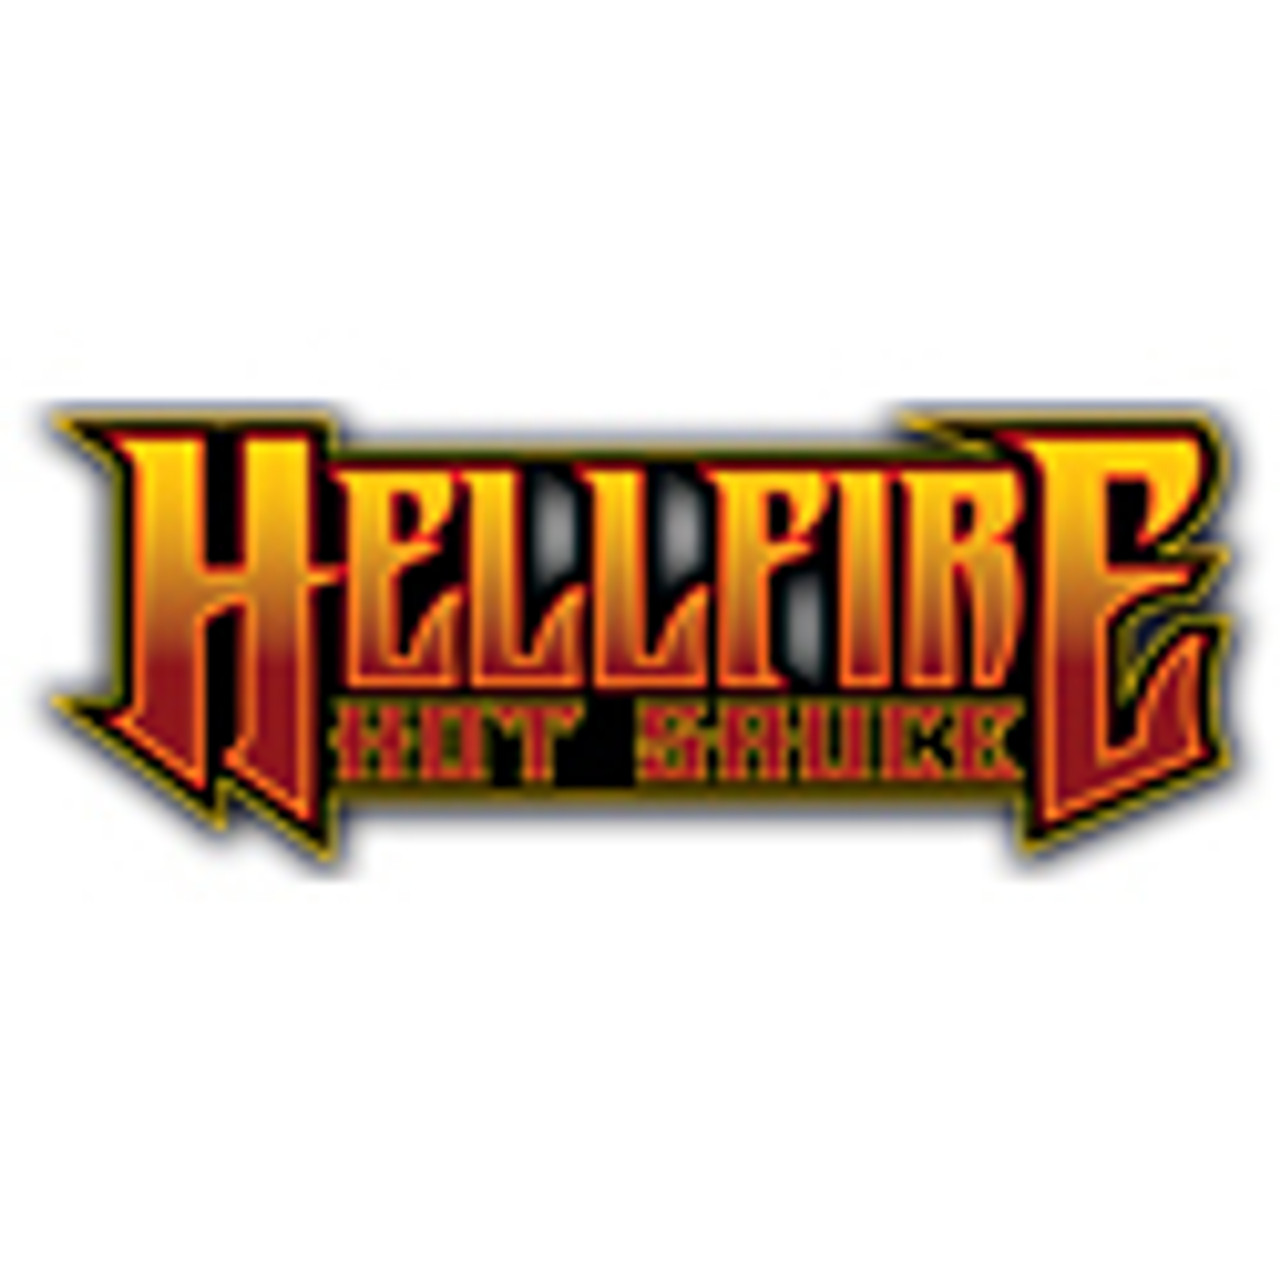 HellFire Sauces